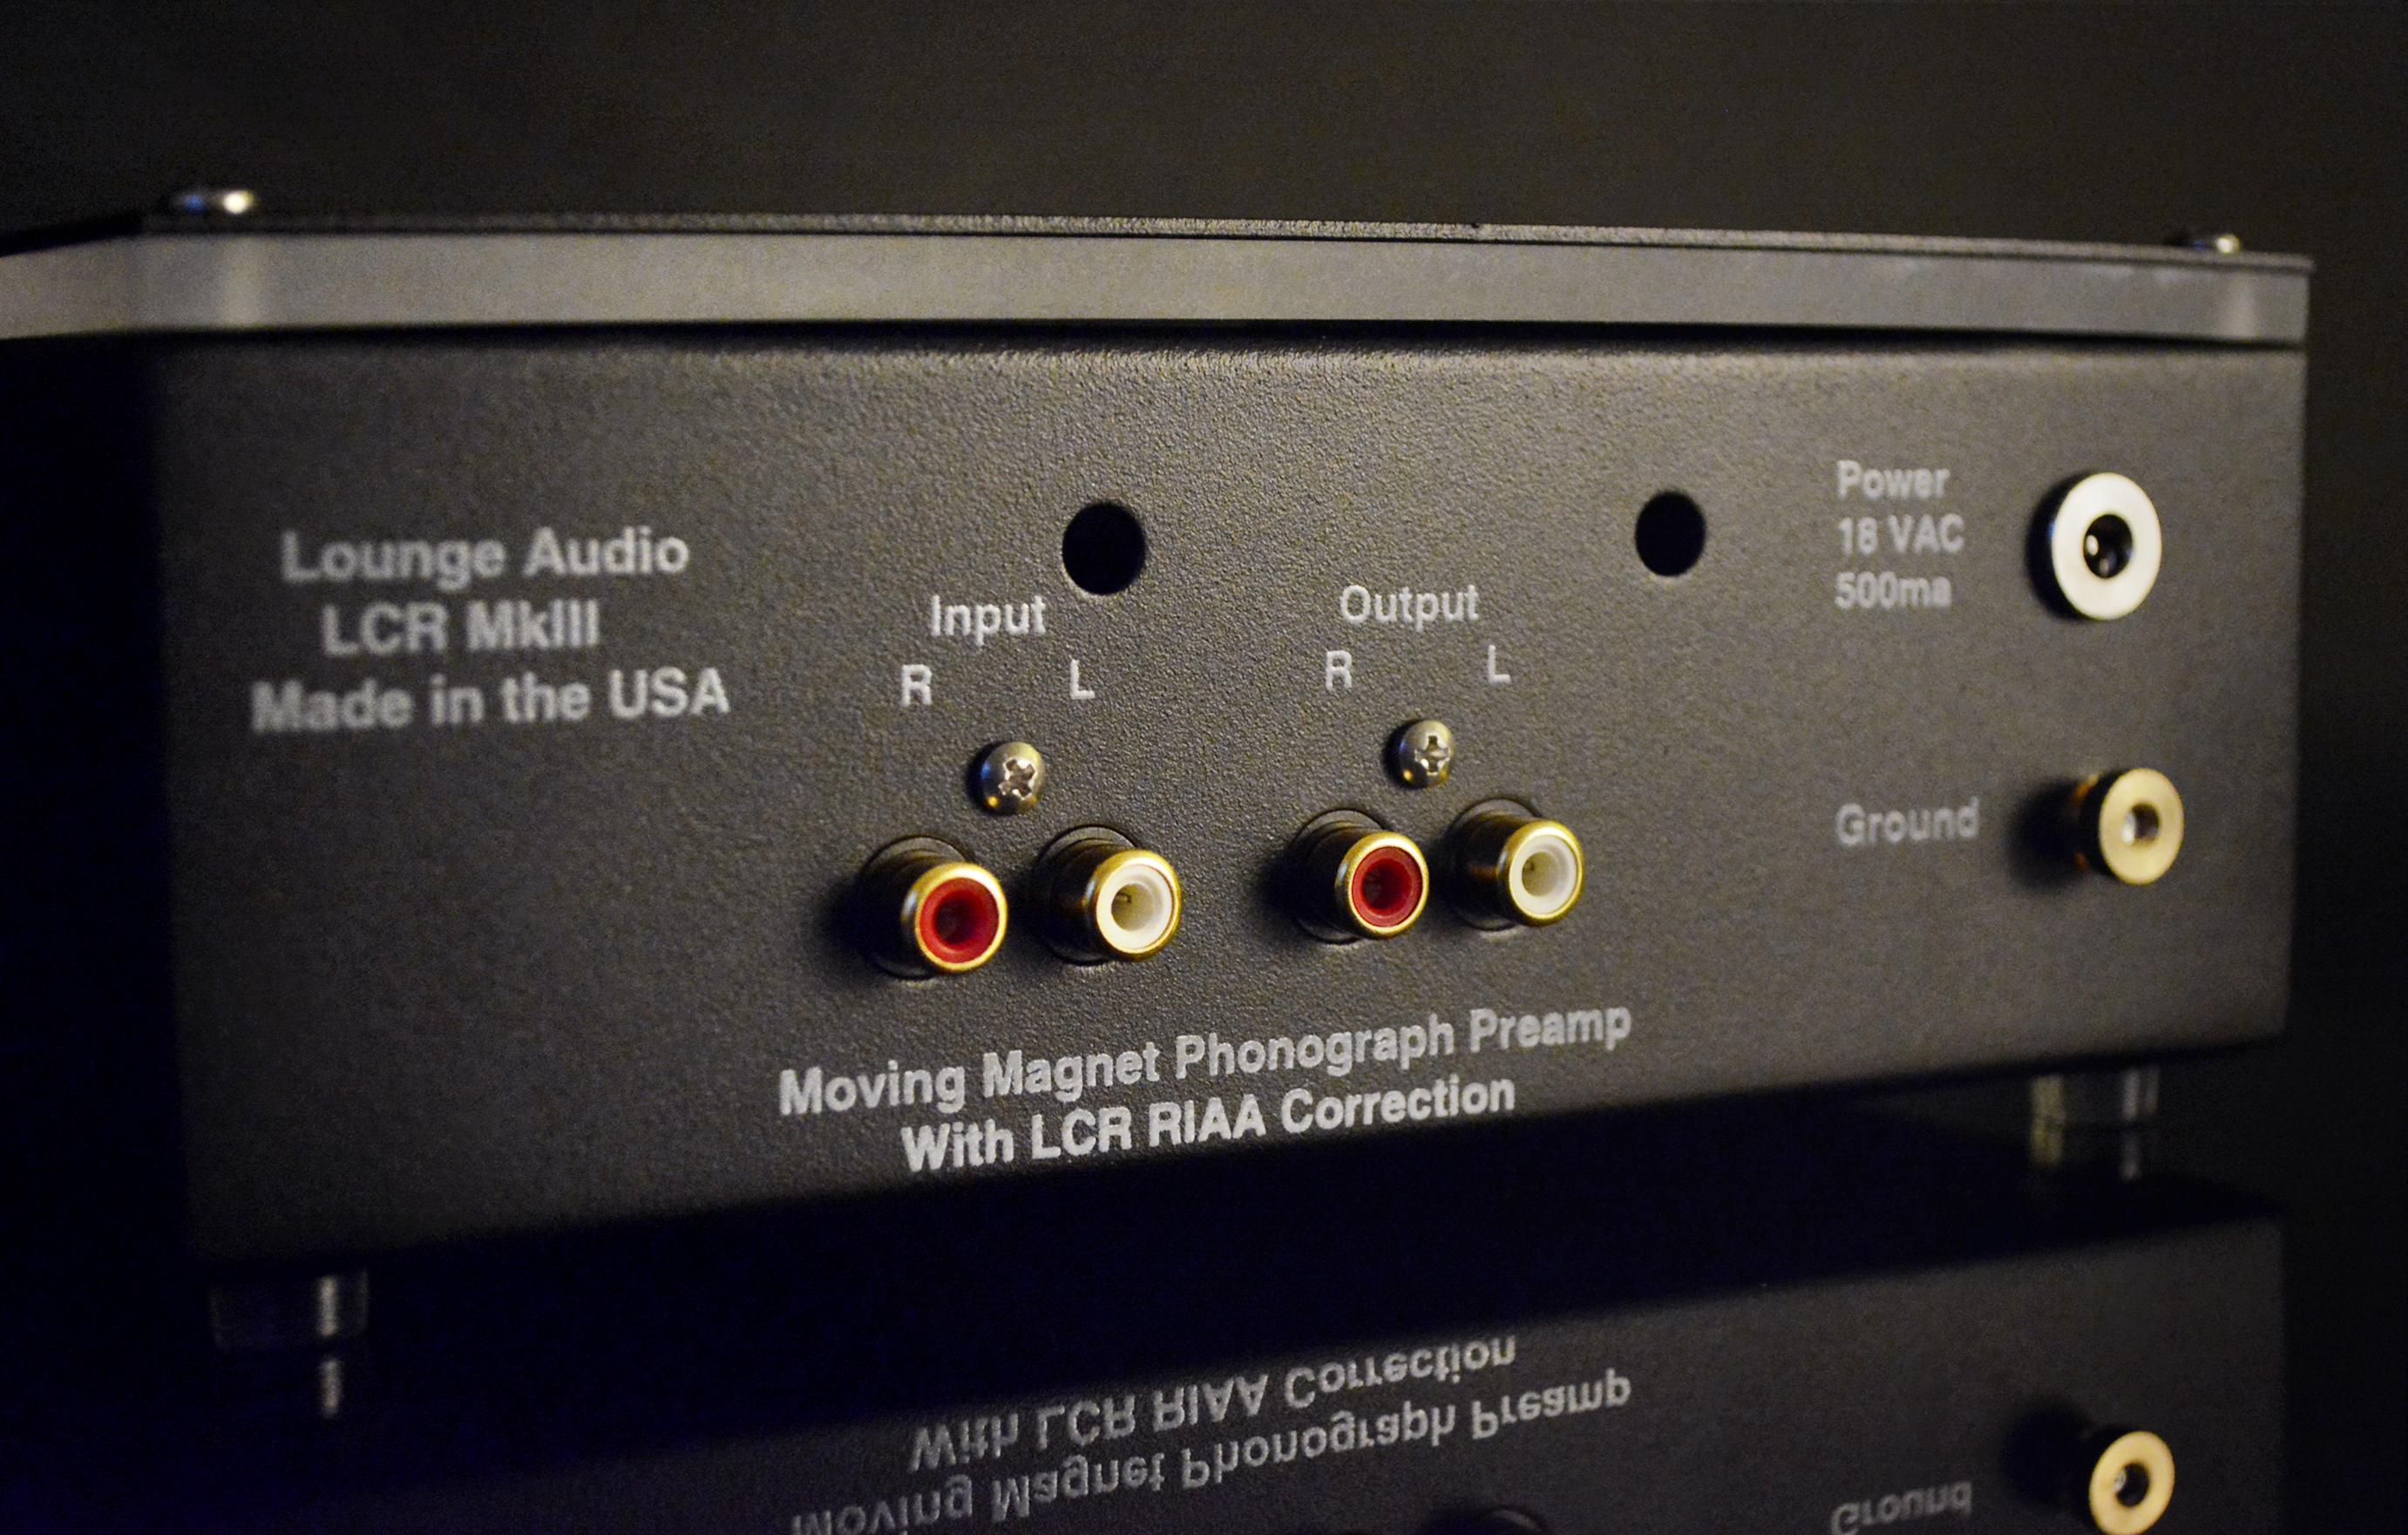 Lcr Mkiii Lounge Audio Lowvoltagemicrophonepreamp Preamplifier Audiocircuit Description